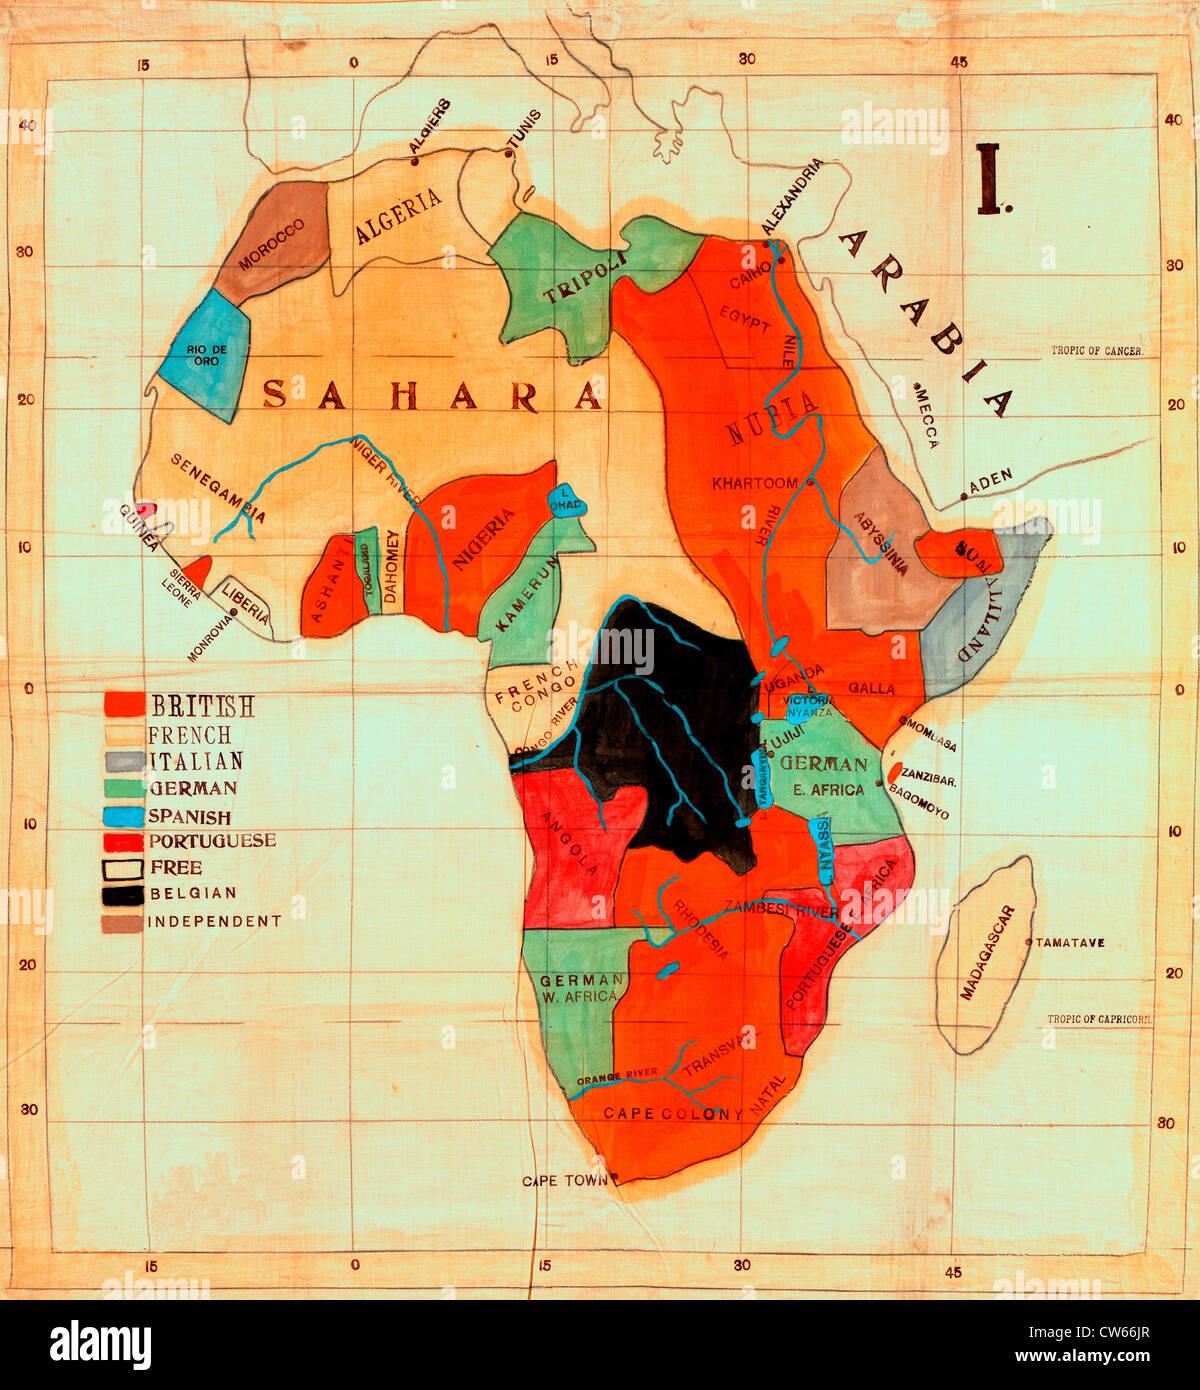 Karte Afrika Kolonien.Karte Von Afrika Zeigt Europaische Kolonien Und Unabhangigen